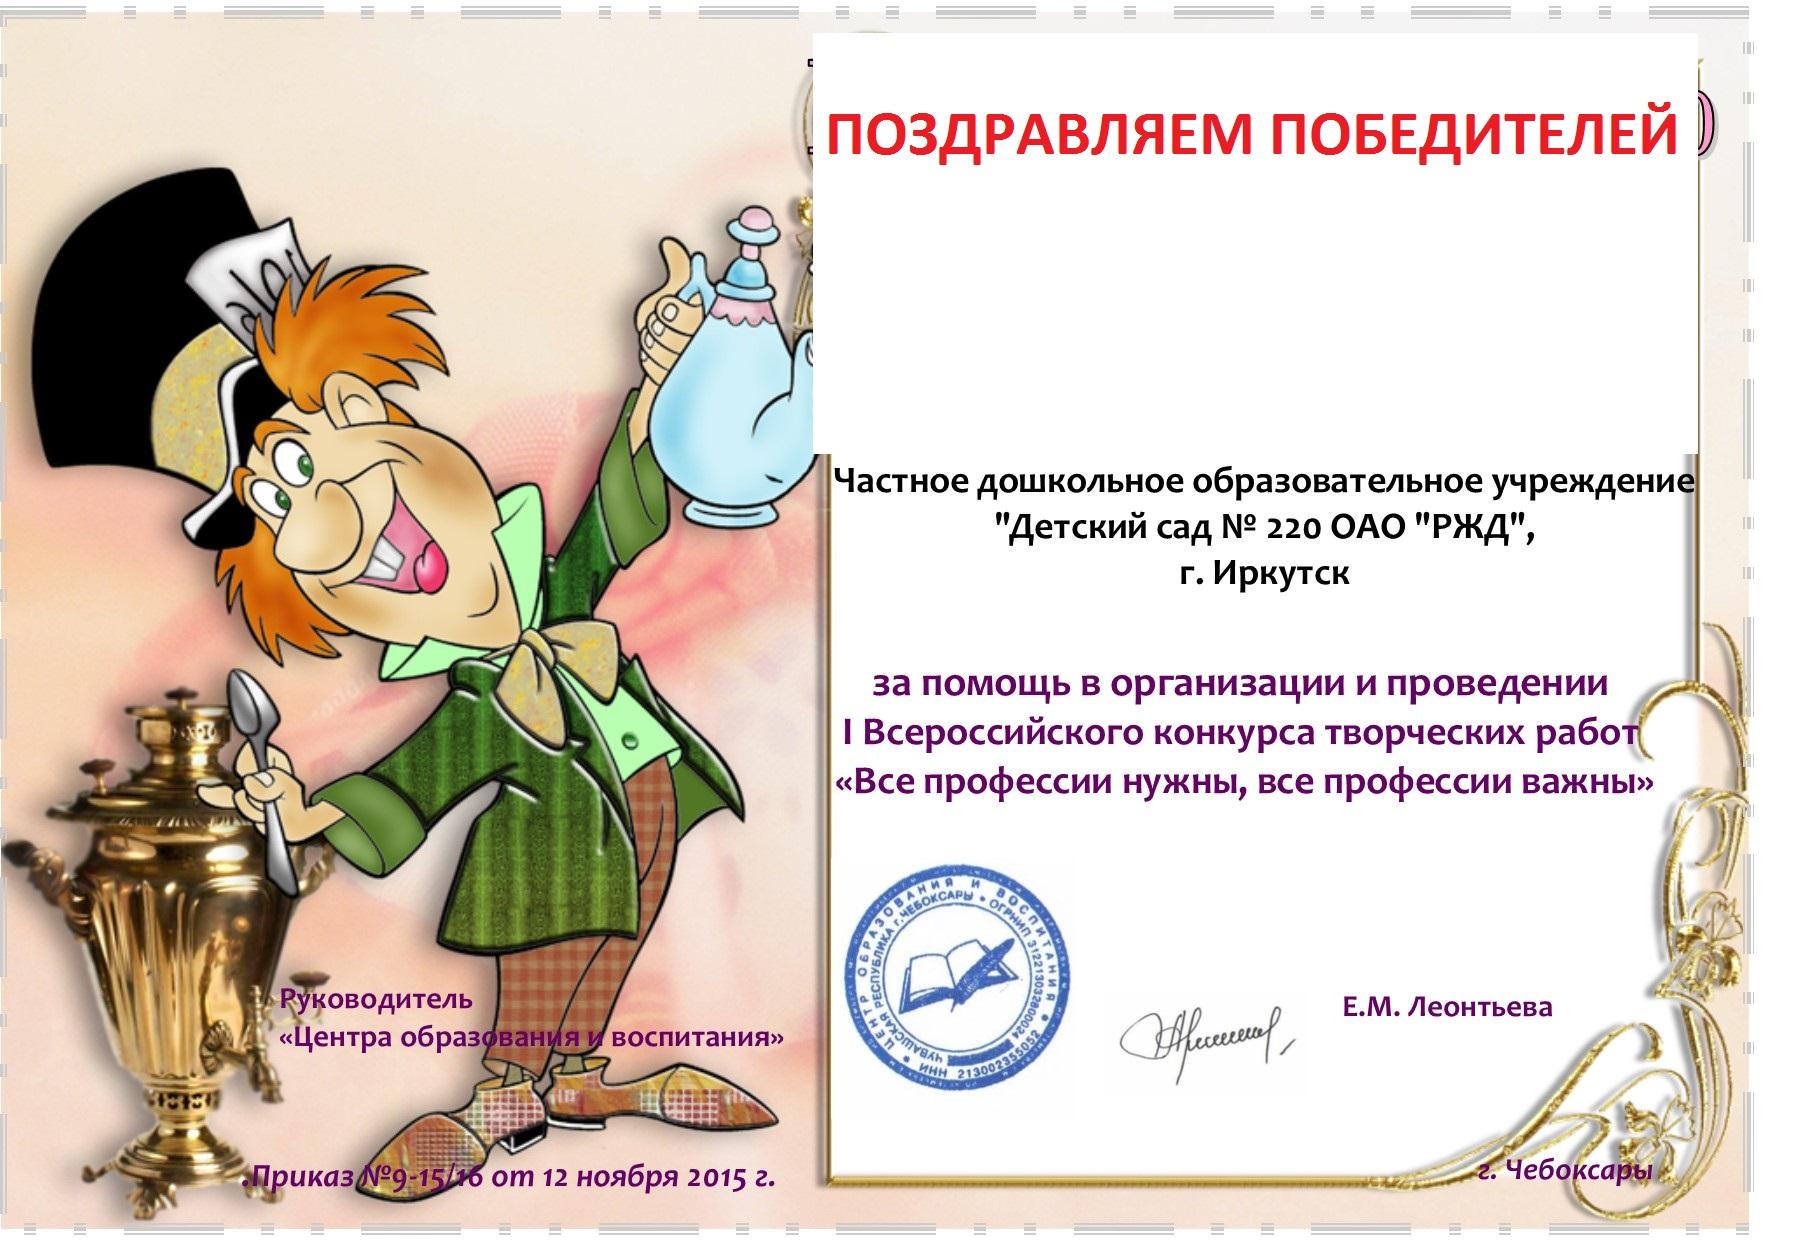 Профессиональные поздравления с днем рождения - Поздравок 25